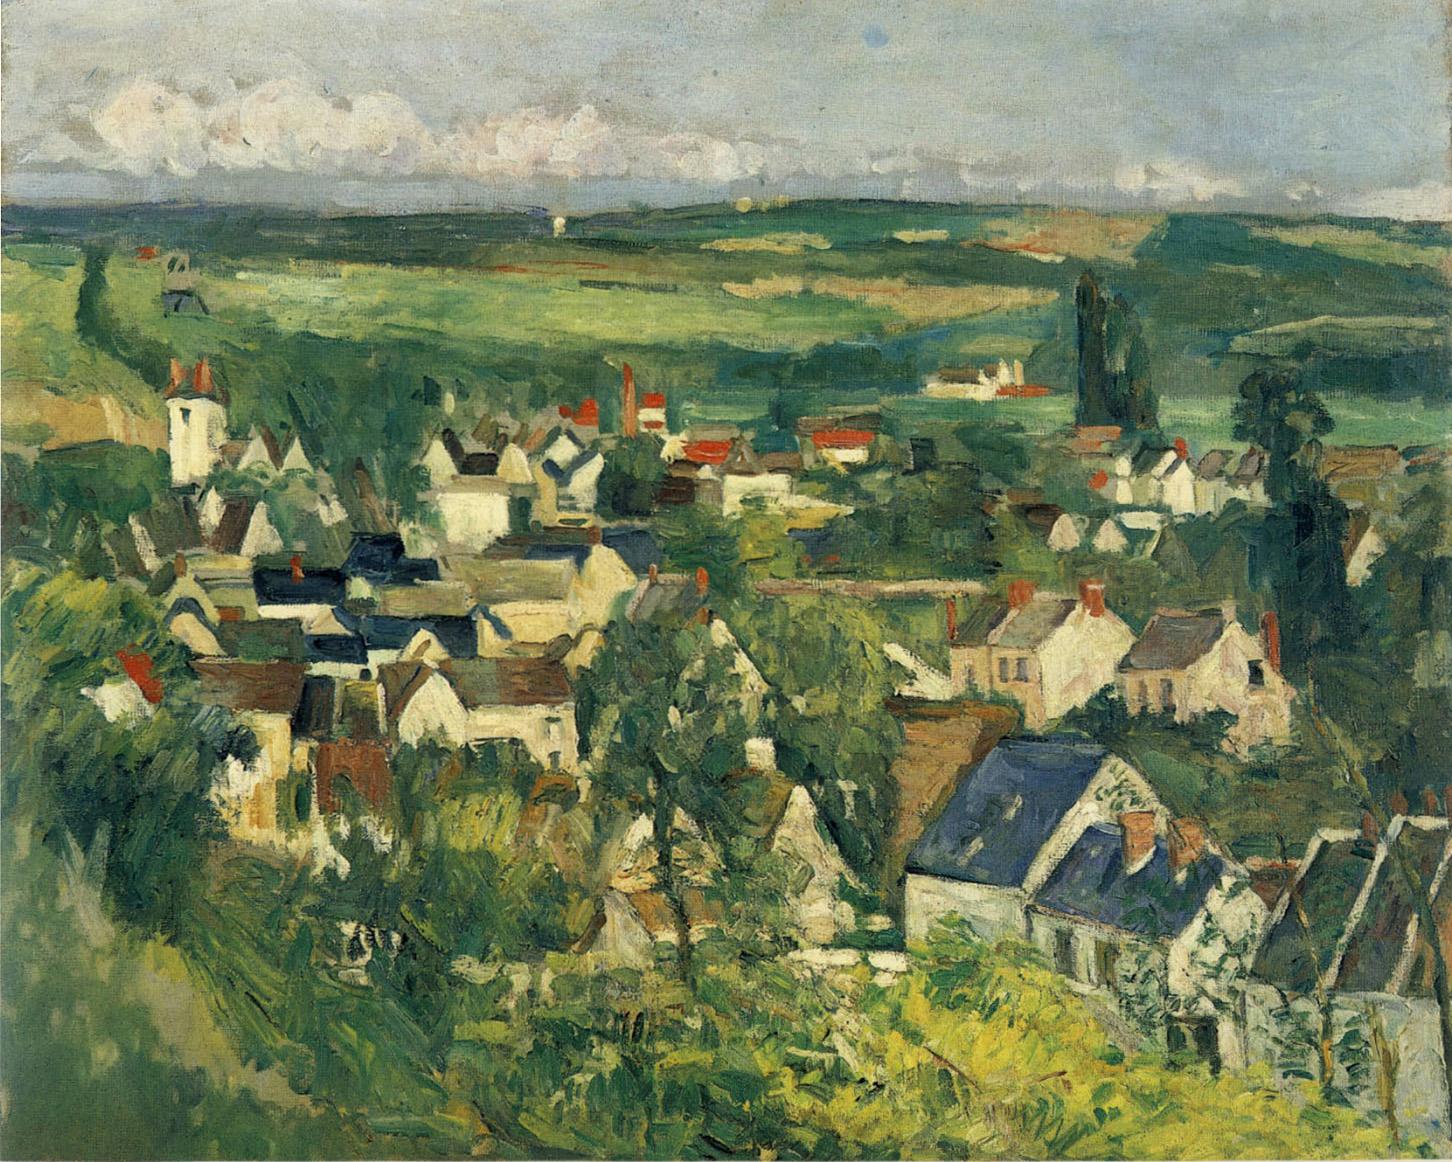 La chronologie des séjours de Cézanne à Auvers/Pontoise   Société Cezanne